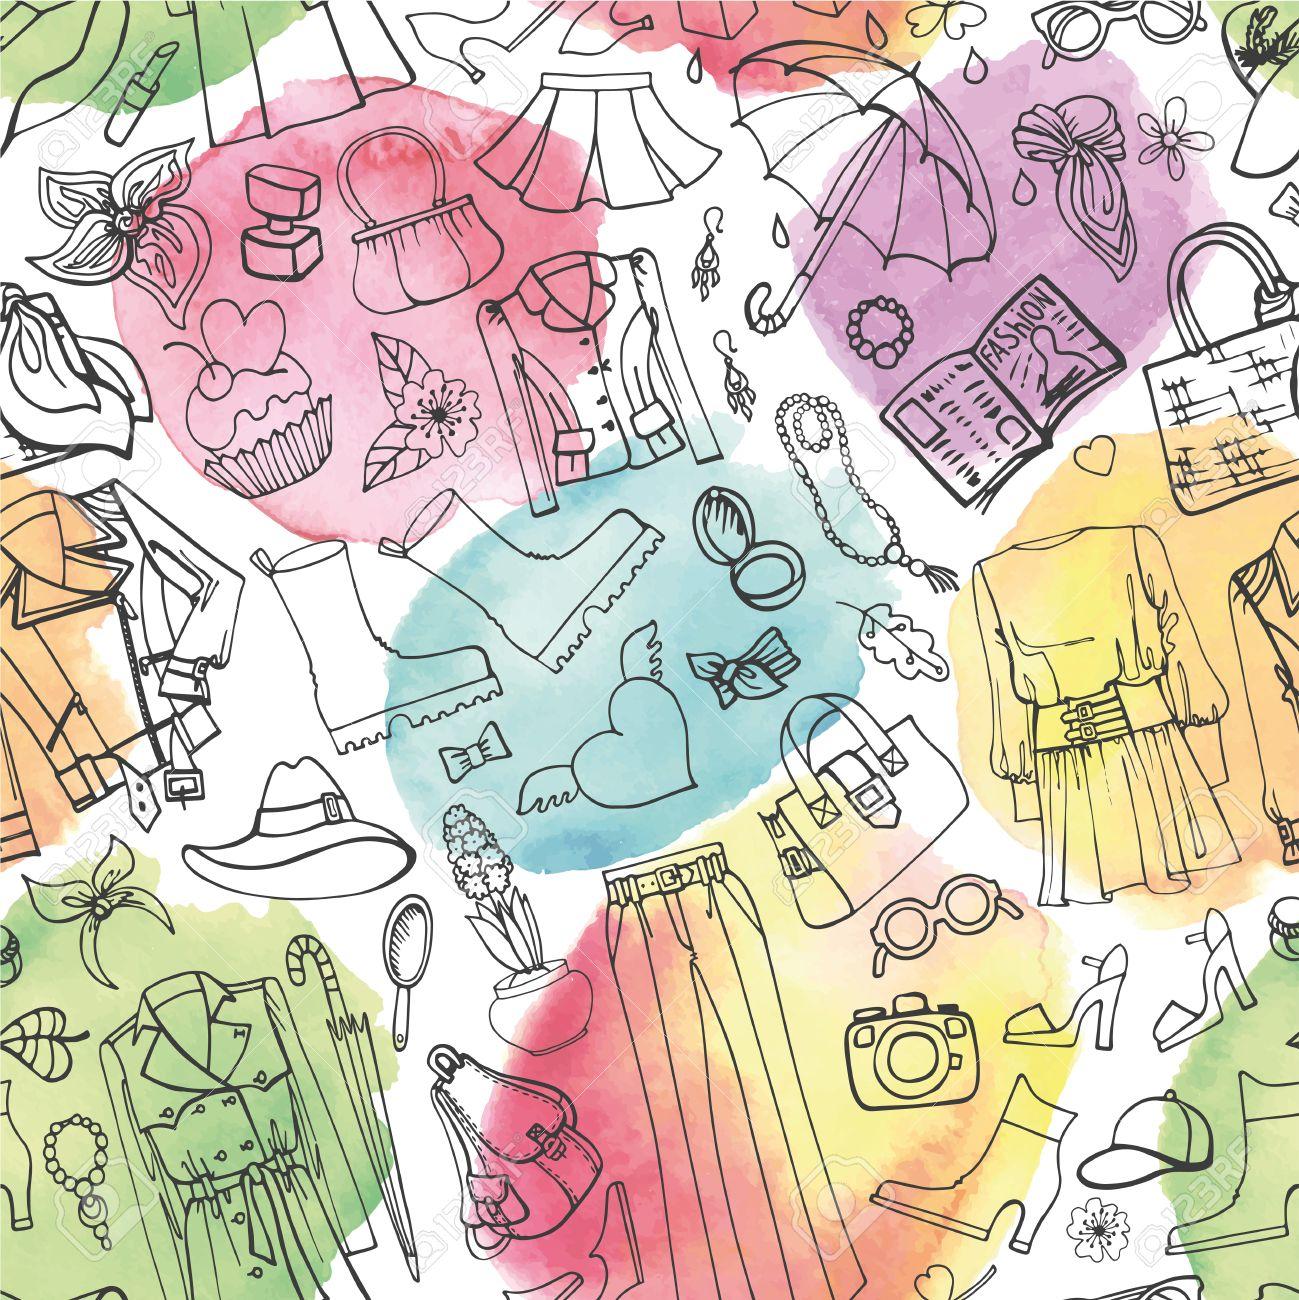 La Mode De Printemps Pattern Vector Transparente Des Femmes De Dessin A La Main Des Vetements Griffonnage Croquis Elements Background Watercolor Splashes Women Wear Outline Pour Le Printemps Season Fashion Illustration Fond D Ecran Clip Art Libres De